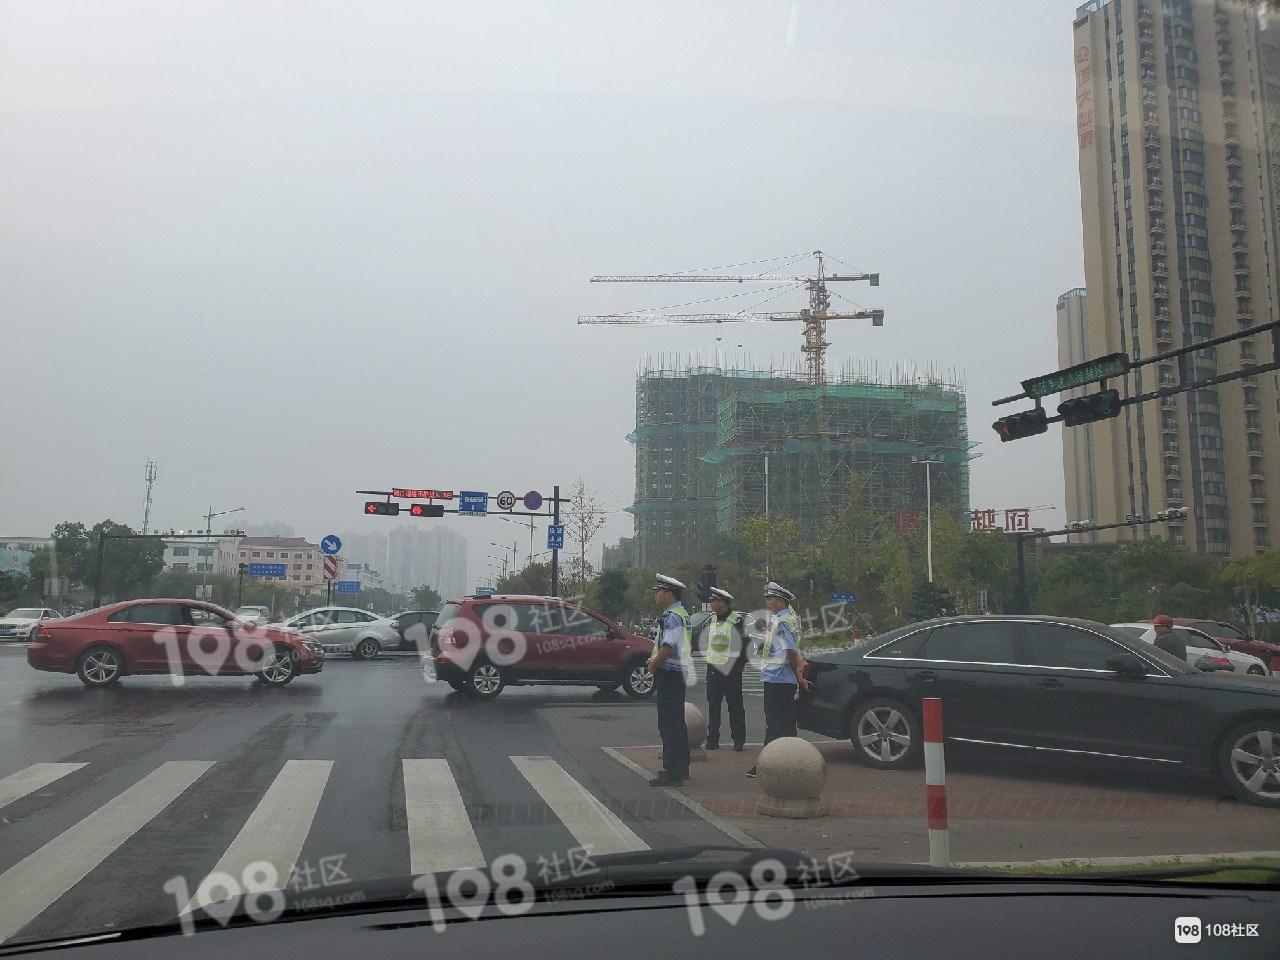 东站转盘交警出动,这些小车通通被拦下,将被拖走!